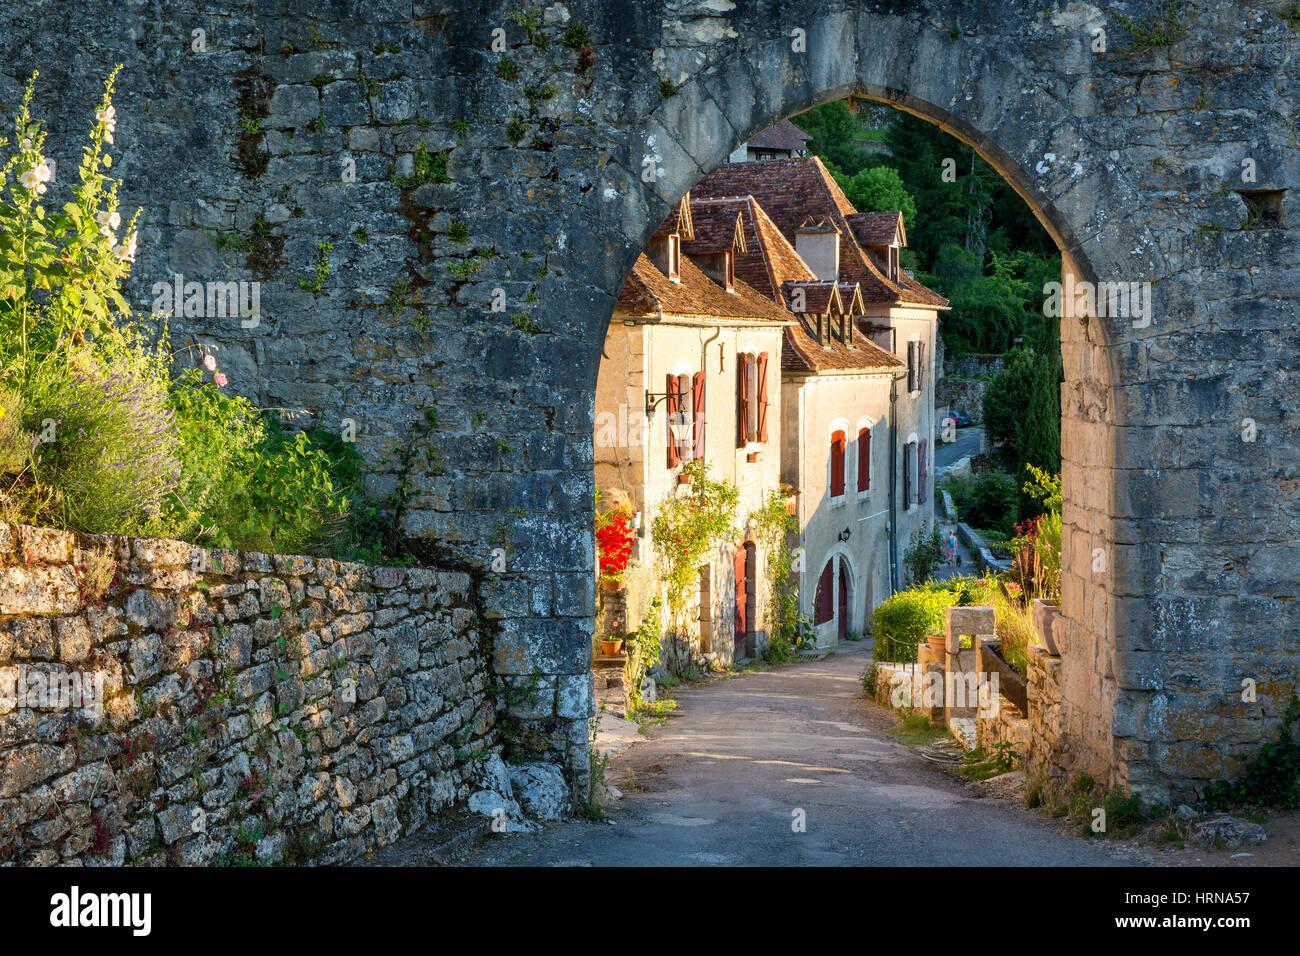 Impostando la luce del sole sulle case al varco di ingresso a Saint-Cirq-Lapopie, Valle del Lot, Occitanie, Francia Immagini Stock